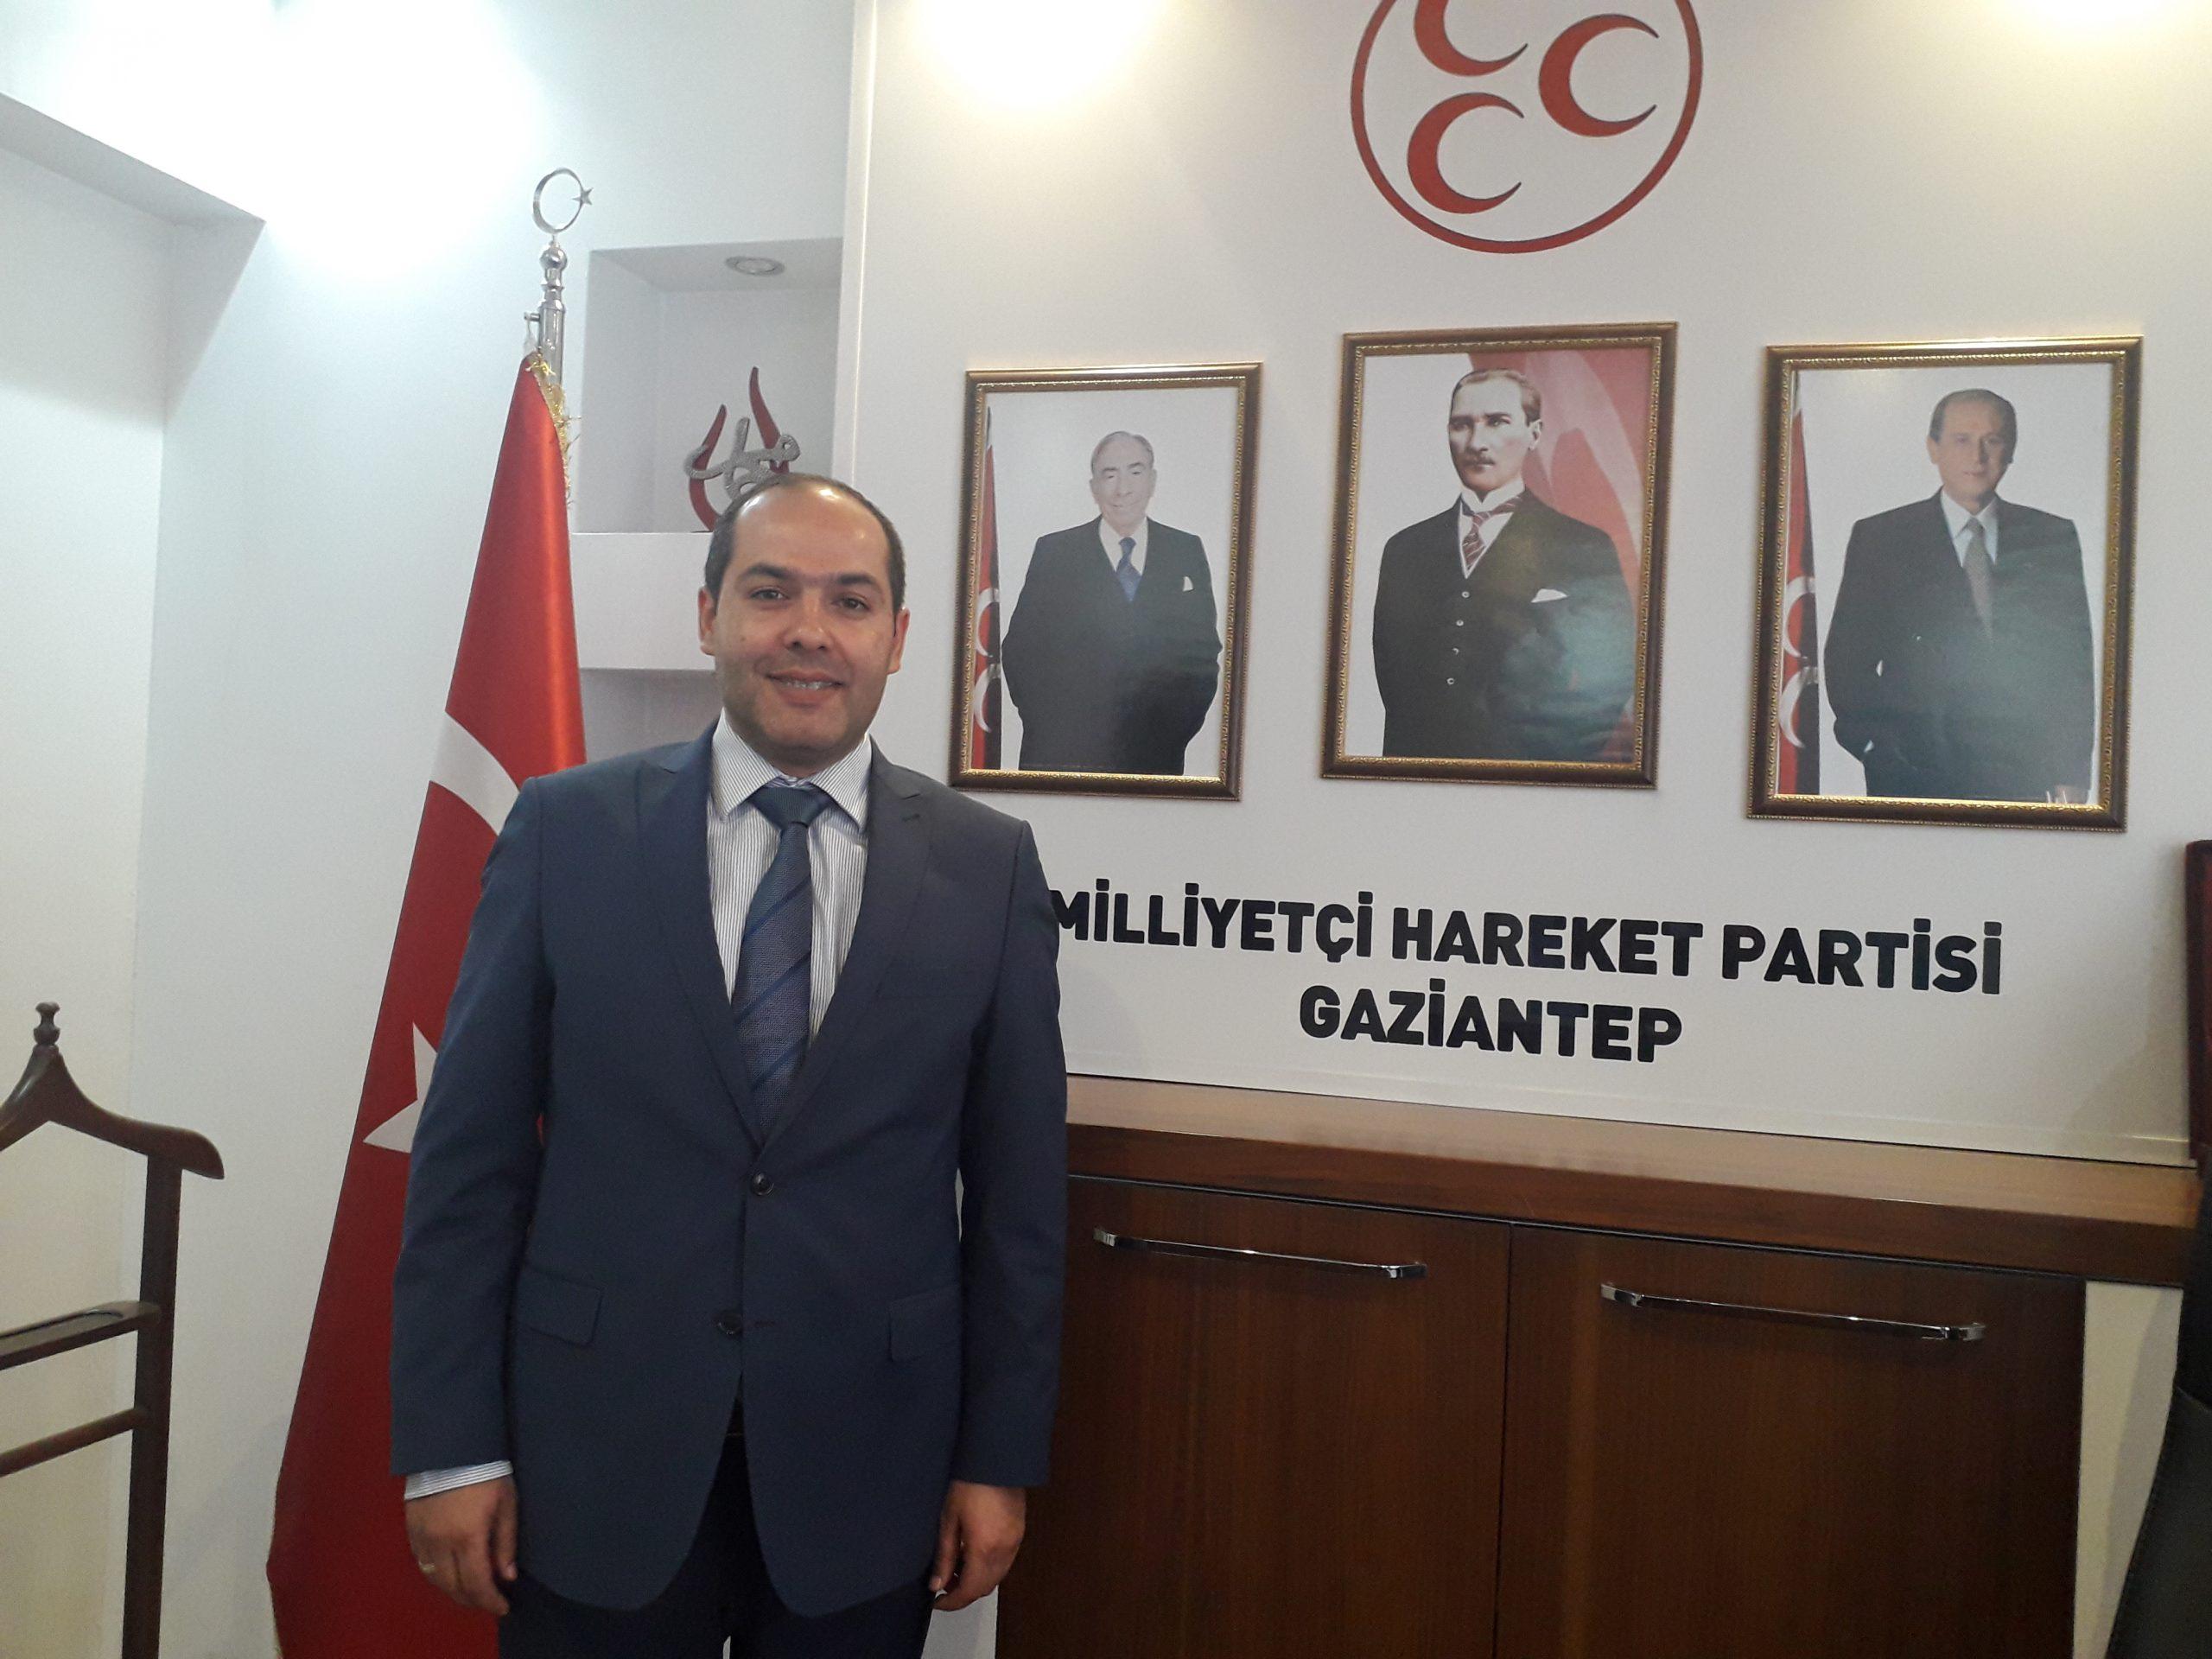 MHP İl Başkanı Çelik, kongrede adaylıktan  çekildiğini açıkladı